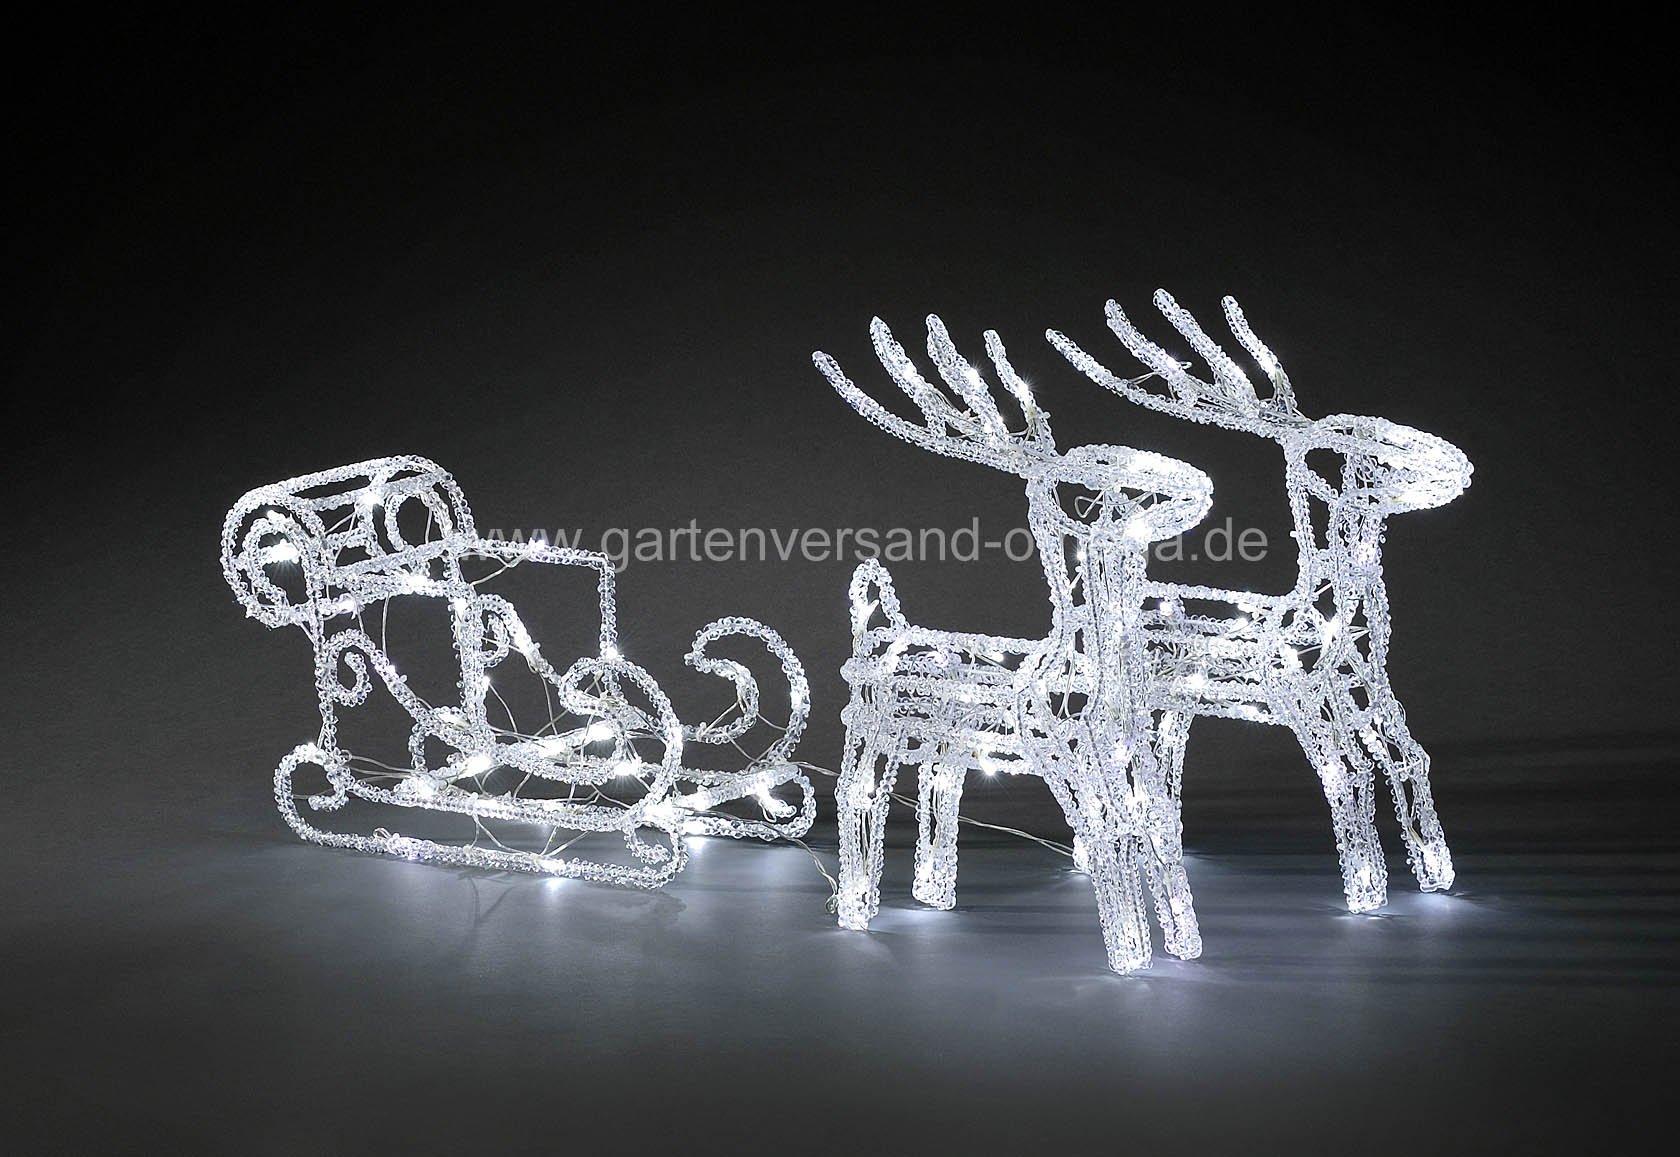 led weihnachtsbeleuchtung rentiere mit schlitten acrylfiguren schlittengespann. Black Bedroom Furniture Sets. Home Design Ideas